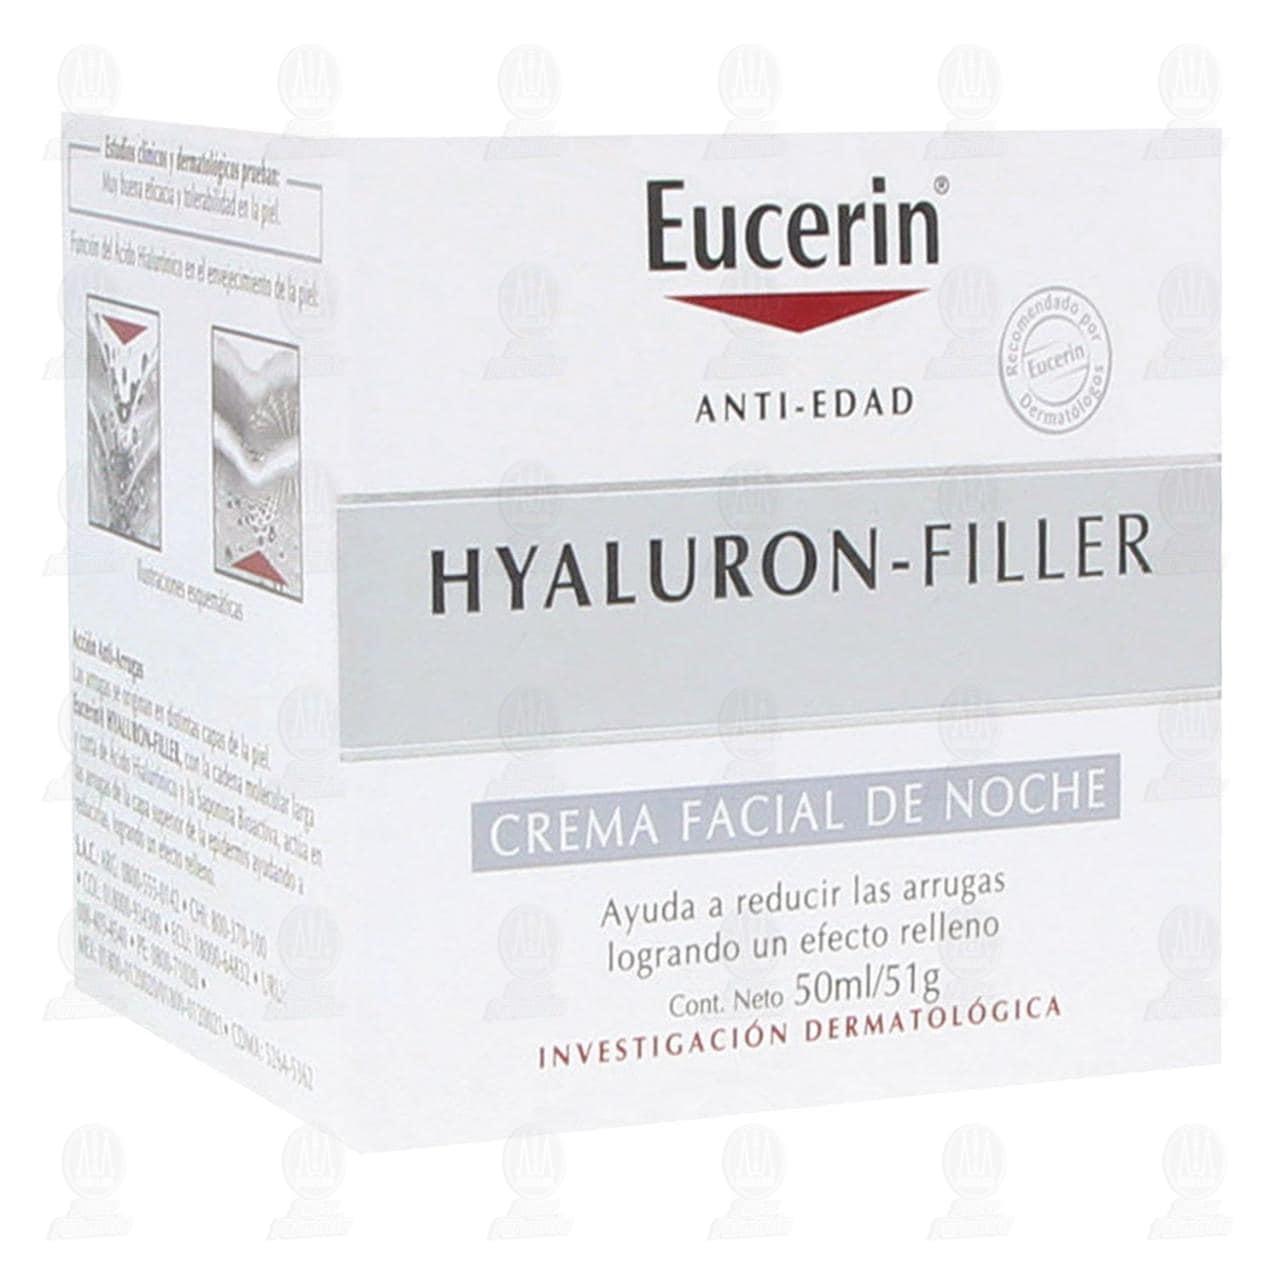 Comprar Eucerin Hyaluron Filler Crema Facial Antiarrugas Noche, 50ml. en Farmacias Guadalajara